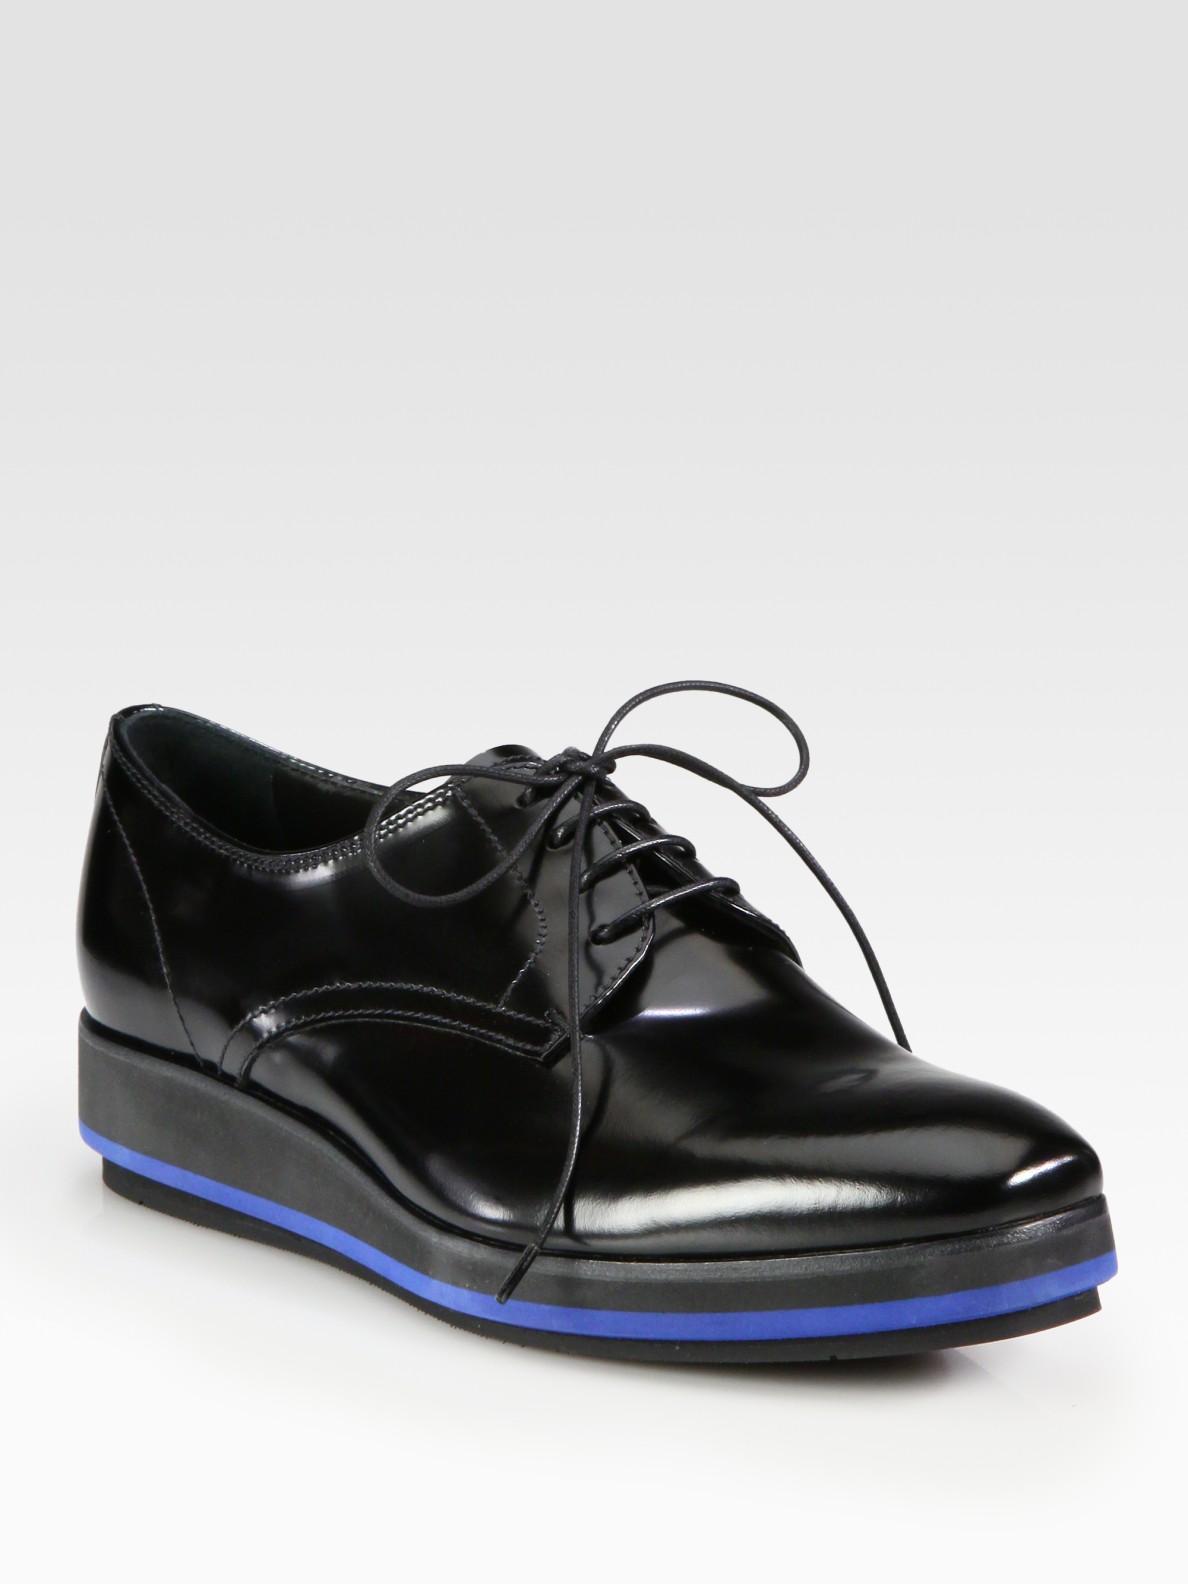 Prada Spazzolato Lace Up Platform Oxfords In Black Lyst